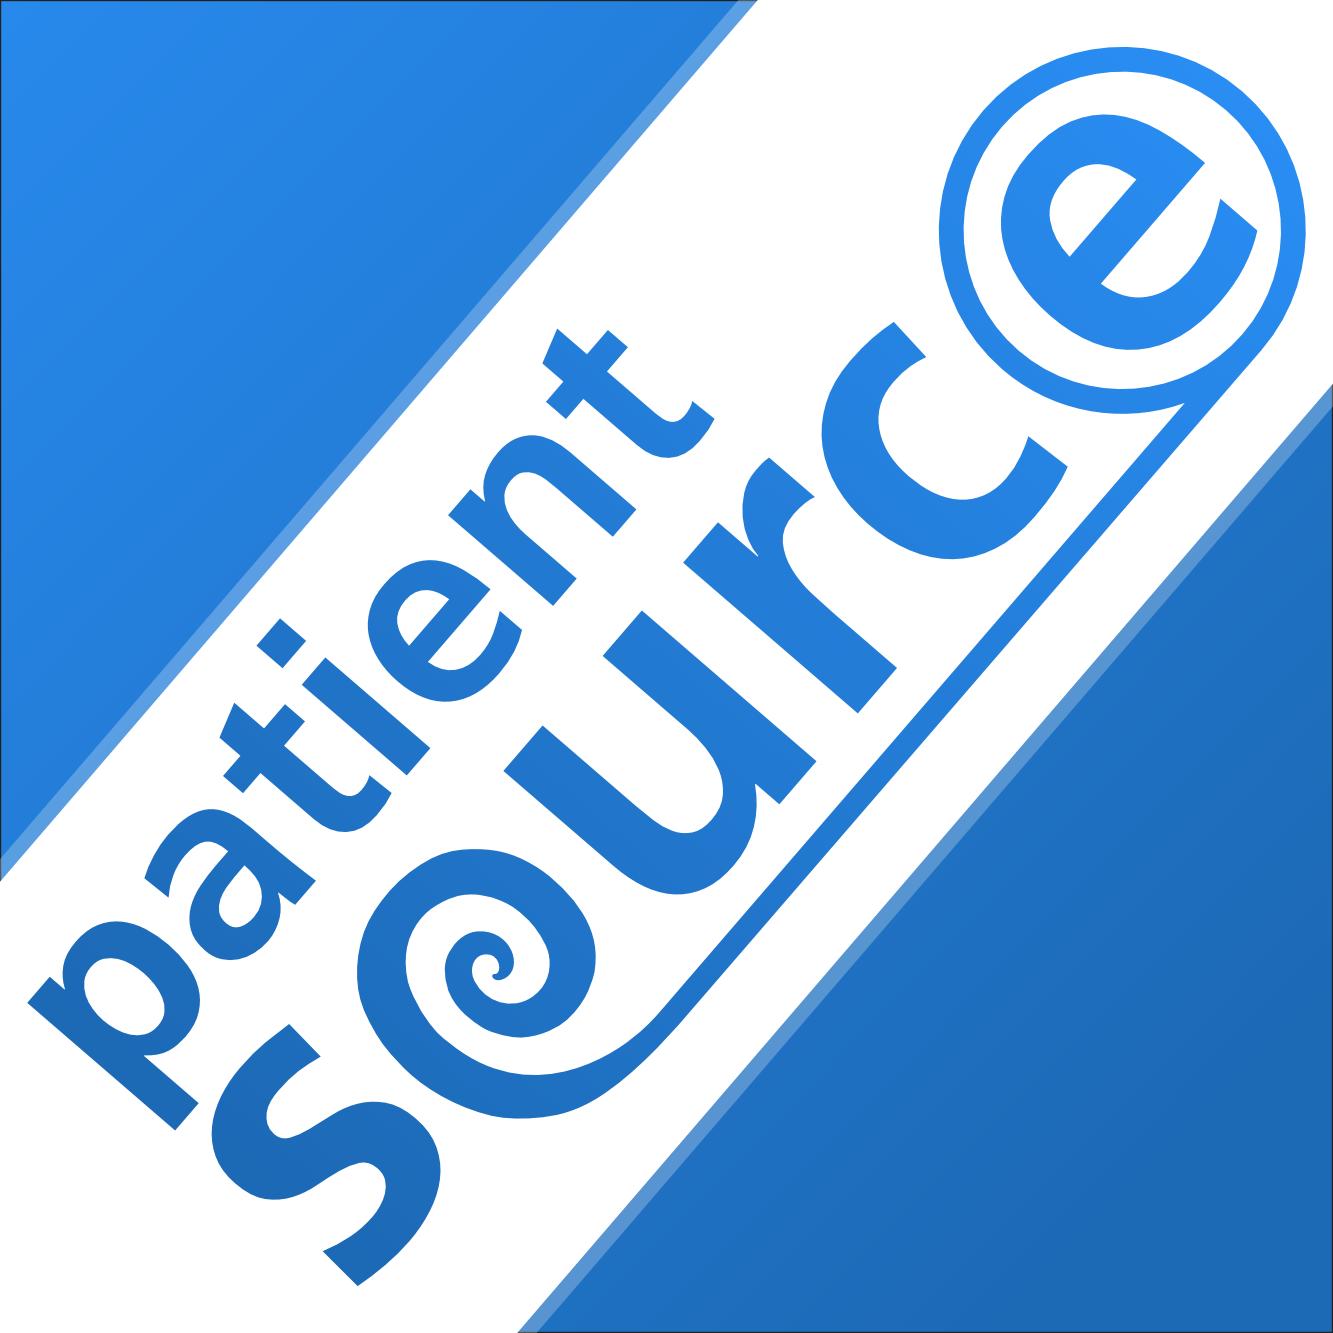 PatientSource - Square diagonal logo